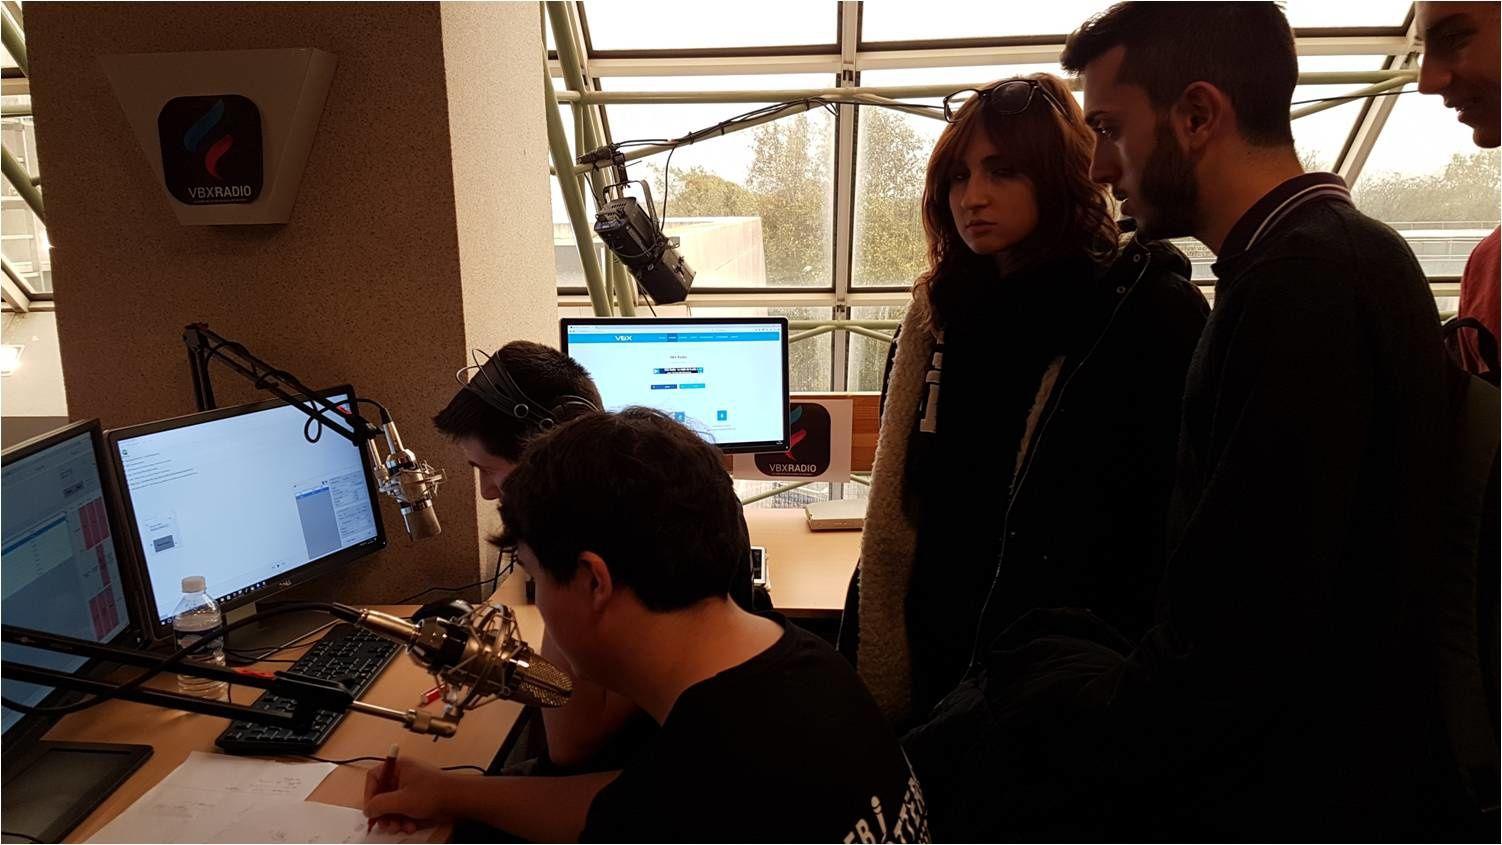 Au Festival du Film court : les italiens d'i-voix et les webtrottoriou du lycée Vauban s'interviewent réciproquement pour leurs webradios respectives